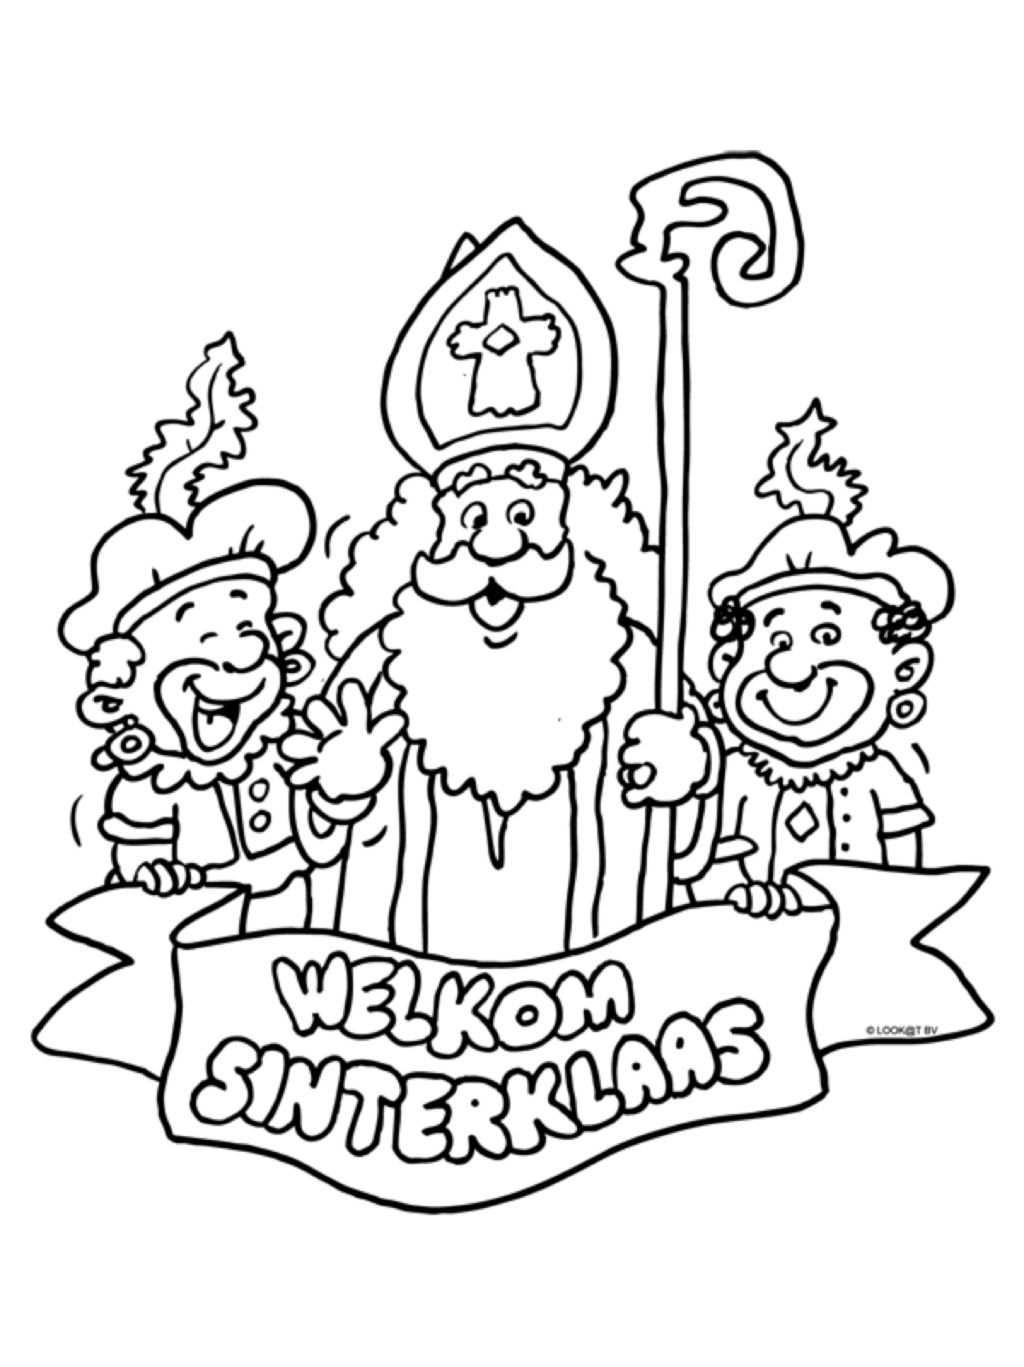 Kleurplaat Welkom Sinterklaas Sinterklaas Knutselen Sinterklaas Diy Sinterklaas